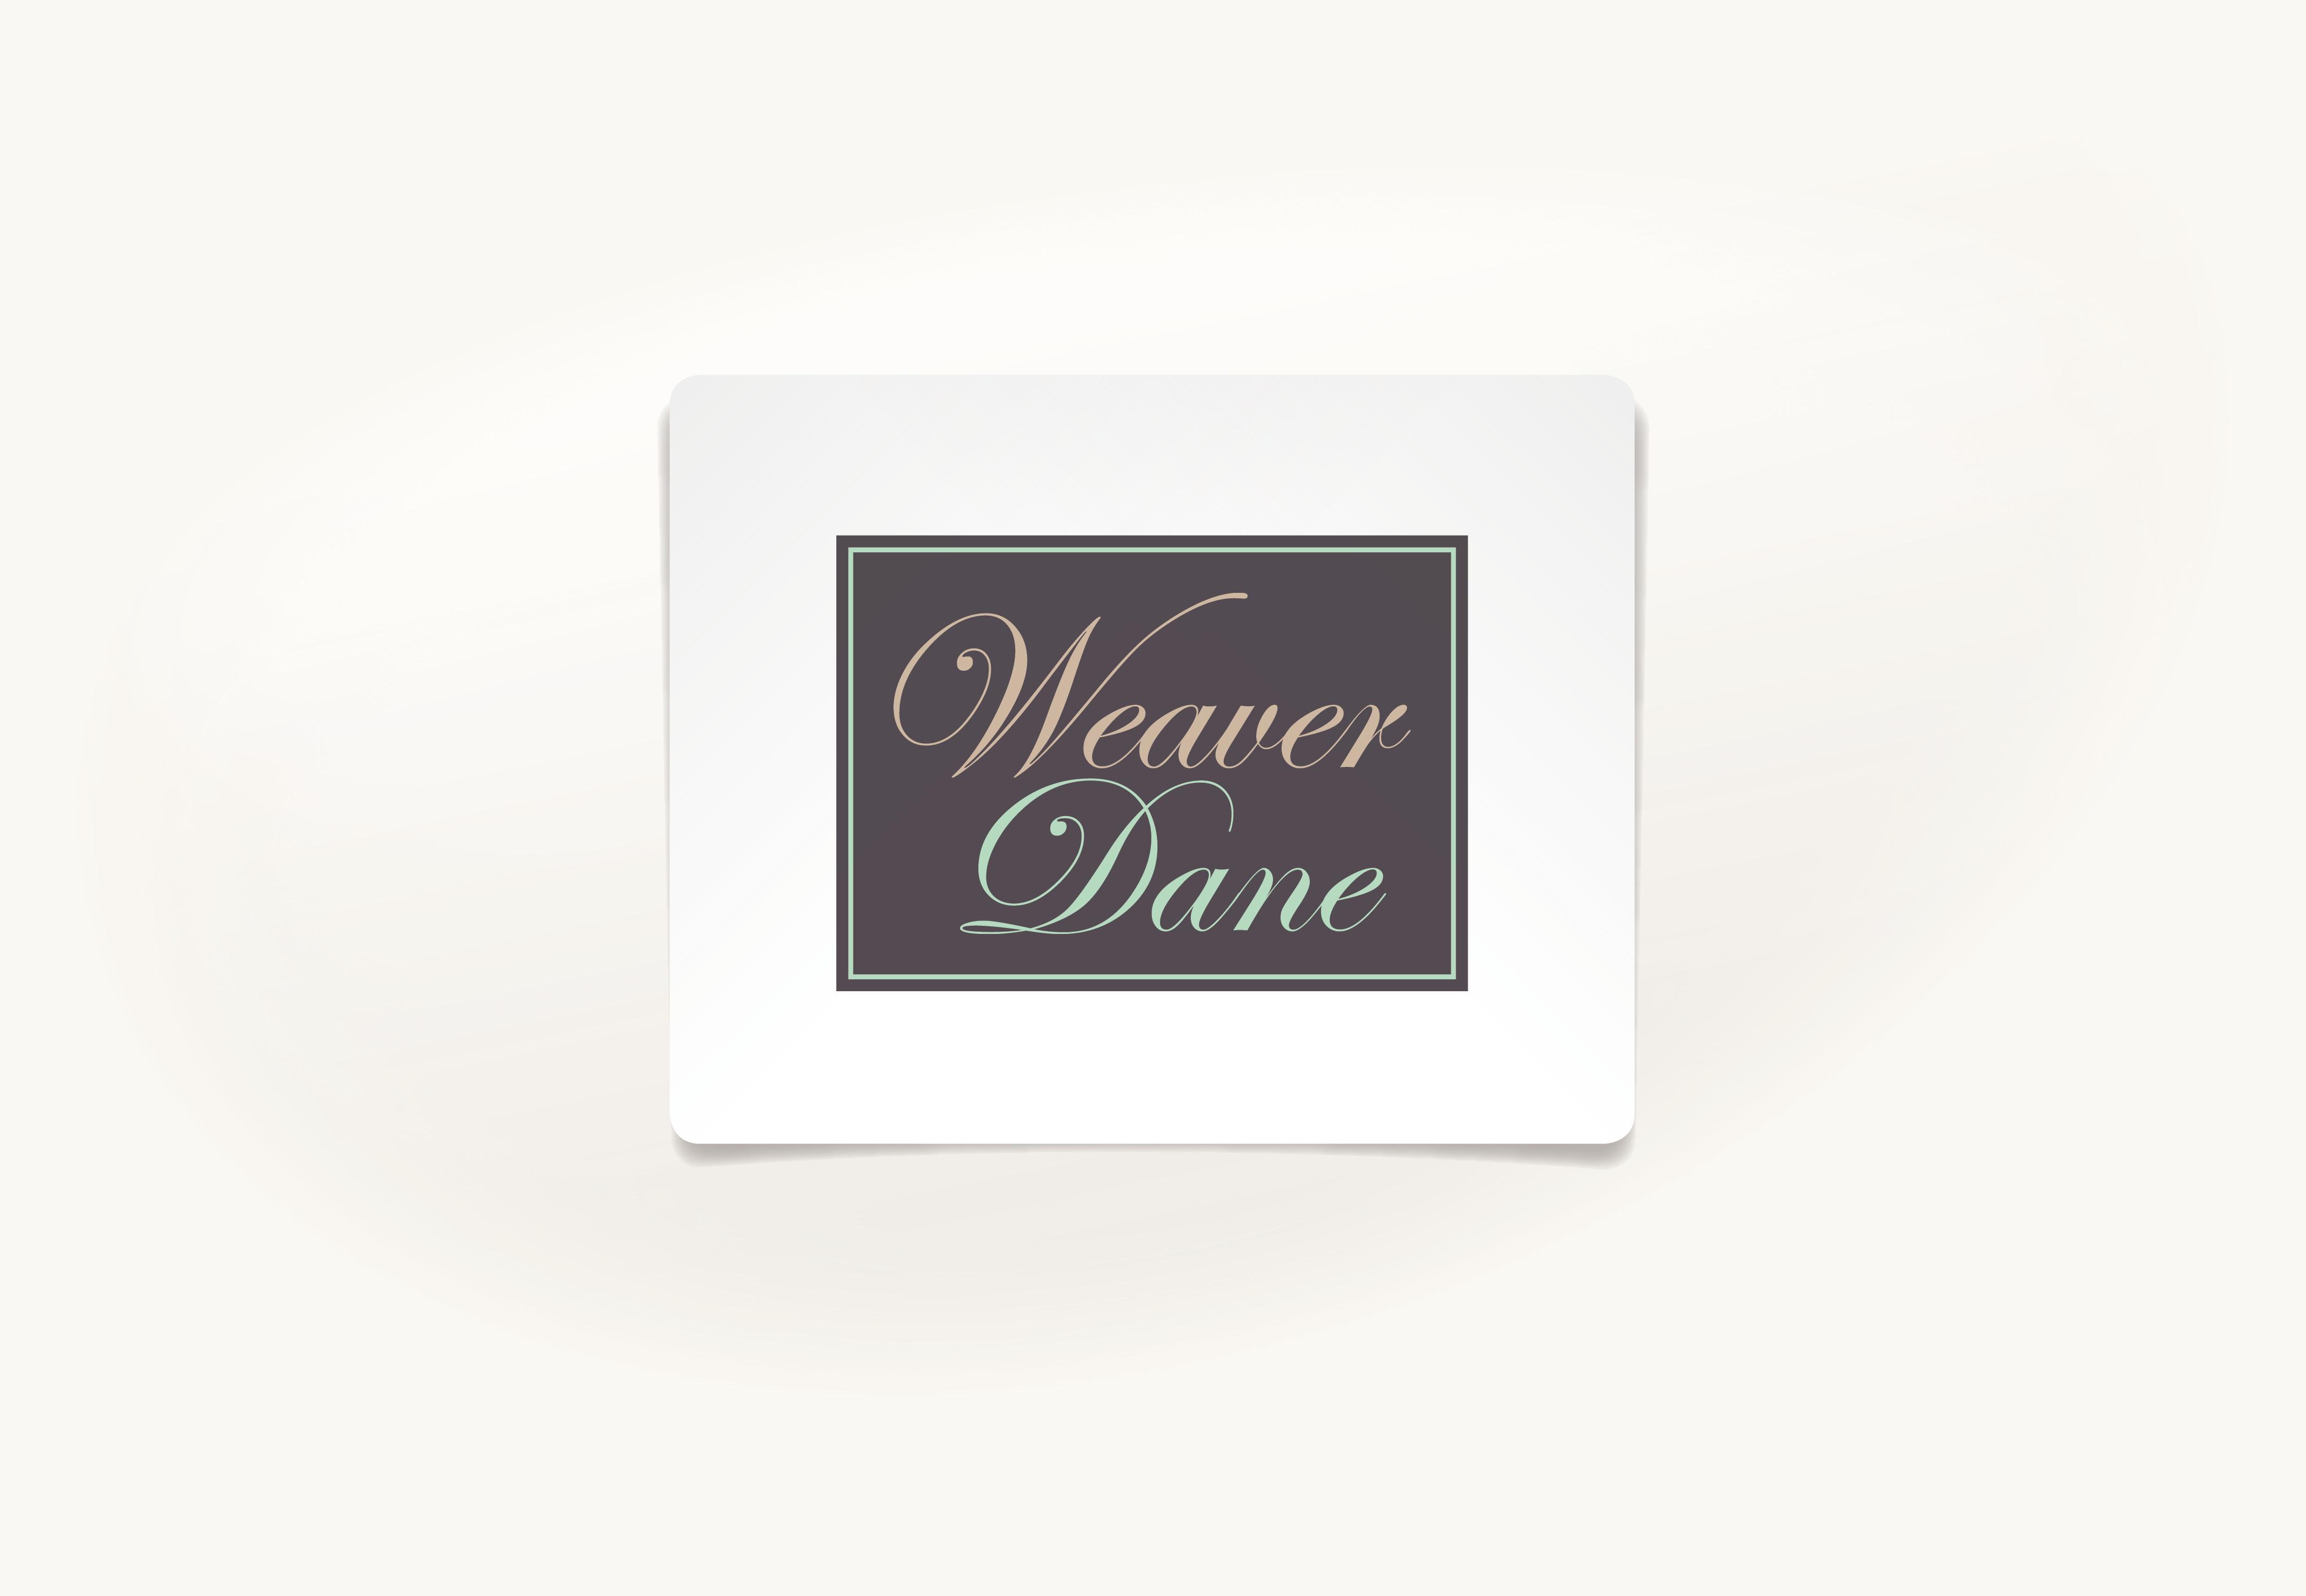 Weaver Dane Brand